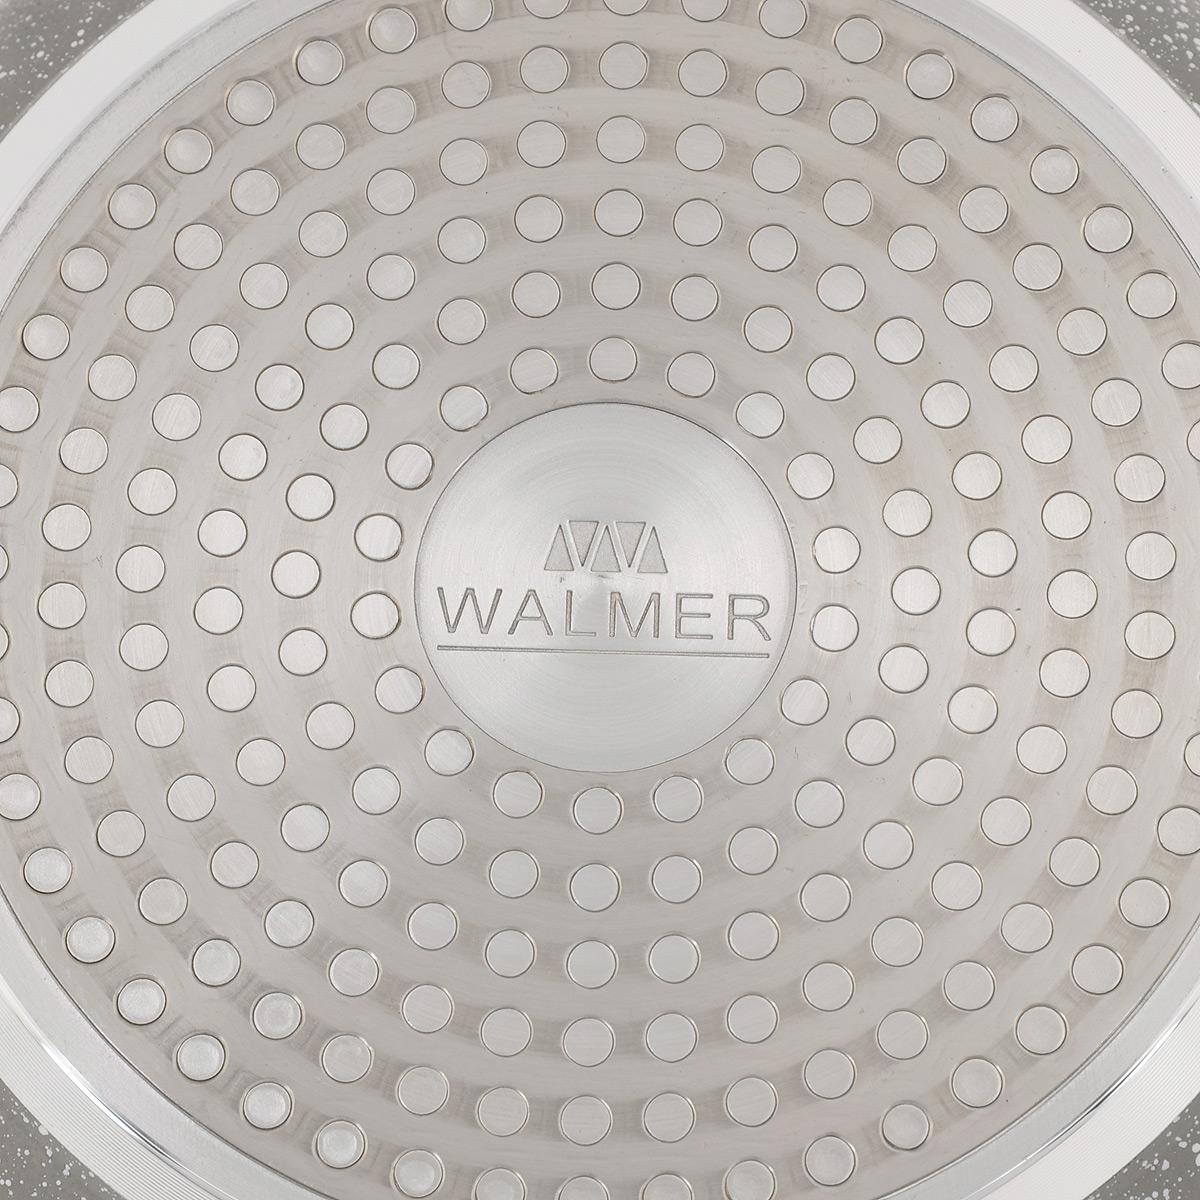 """Сковорода Walmer """"Stonehenge"""" изготовлена из кованого алюминия с антипригарным  покрытием Marble Coating, обеспечивающим быстрый и равномерный нагрев. Кроме того, с  таким  покрытием пища не  пригорает и не прилипает к стенкам, поэтому можно готовить с минимальным добавлением  масла и жиров. Эргономичная ручки из бакелита не нагревается и обеспечивает  непревзойдённый комфорт и удобство во время готовки.  Дно и стенки очень прочные, не подвержены деформации.  Подходит для всех типов плит, включая индукционные. Диаметр по верхнему краю: 20 см. Высота стенки: 4,5 см.  Толщина стенки: 3 мм. Толщина дна: 3 мм. Длина ручки: 21 см."""